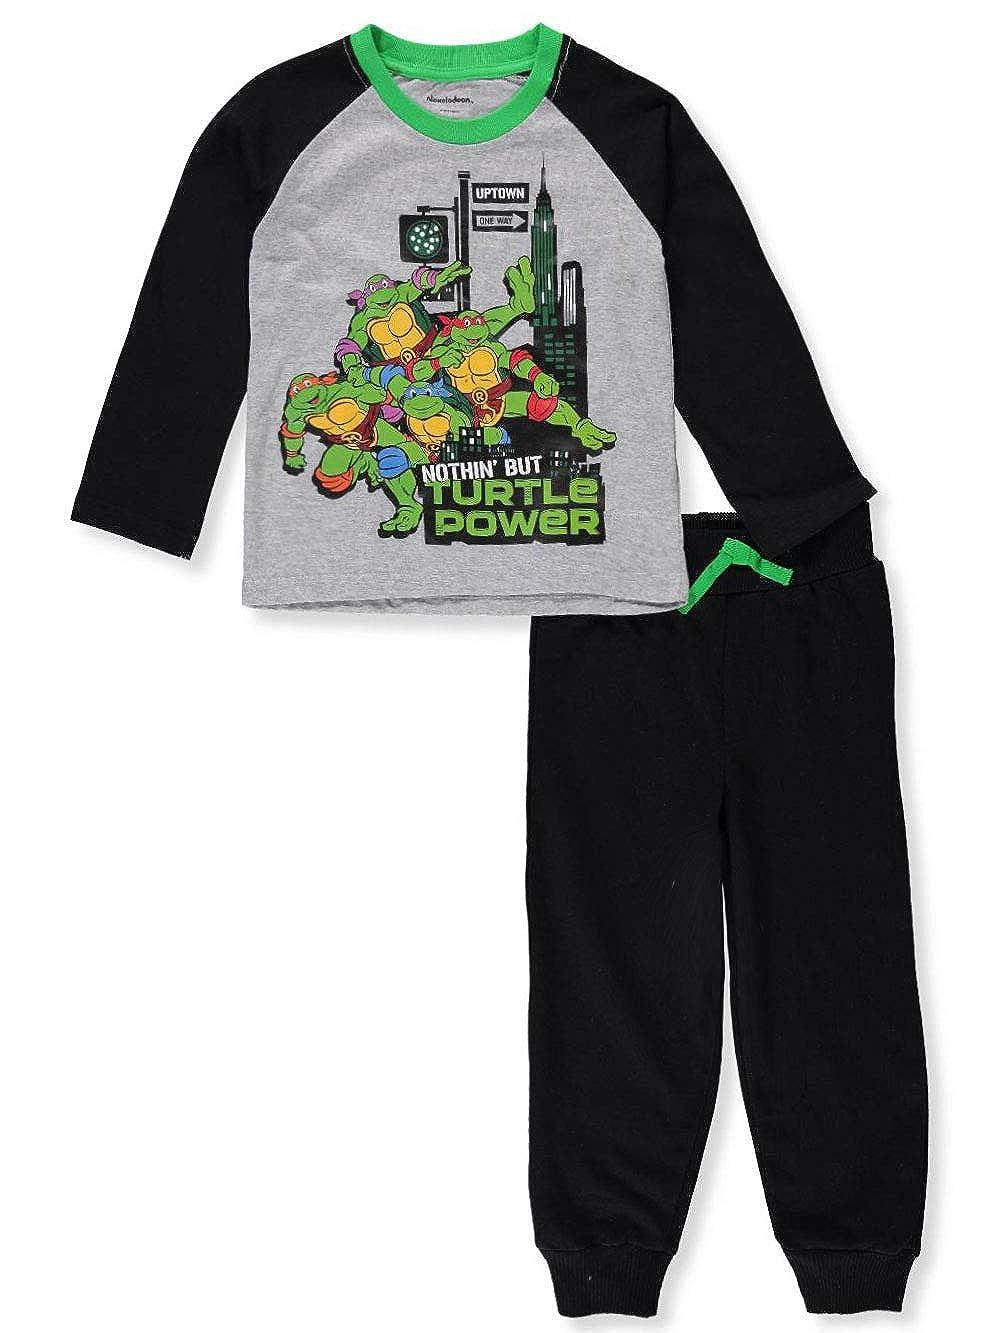 Teenage Mutant Ninja Turtles TMNT Boys' 2-Piece Pants Set Outfit